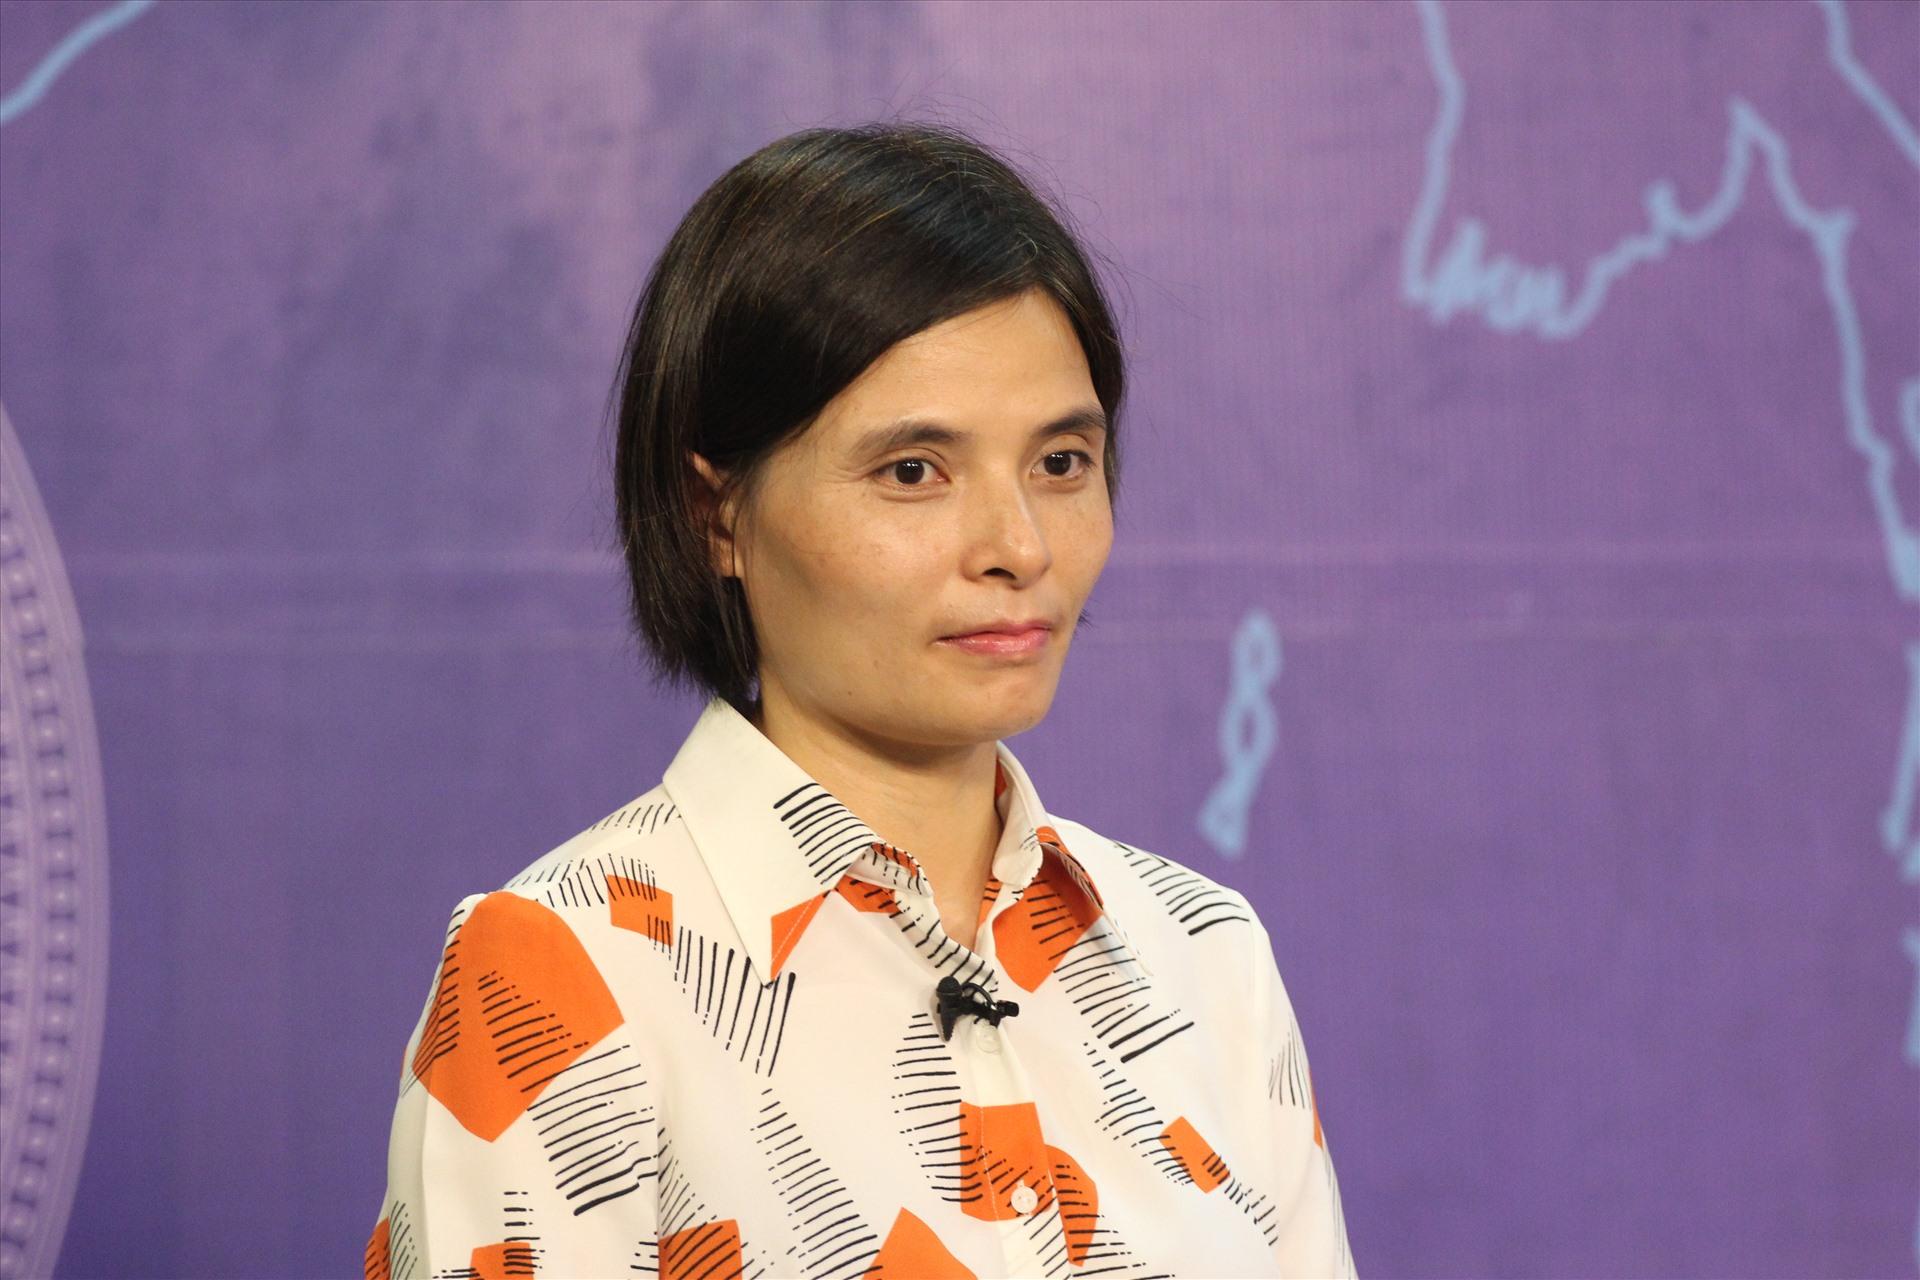 Bà Nguyễn Minh Thảo - Trưởng ban Nghiên cứu môi trường kinh doanh và năng lực kinh doanh, Viện Nghiên cứu Quản lý kinh tế Trung ương. Ảnh T.Vương